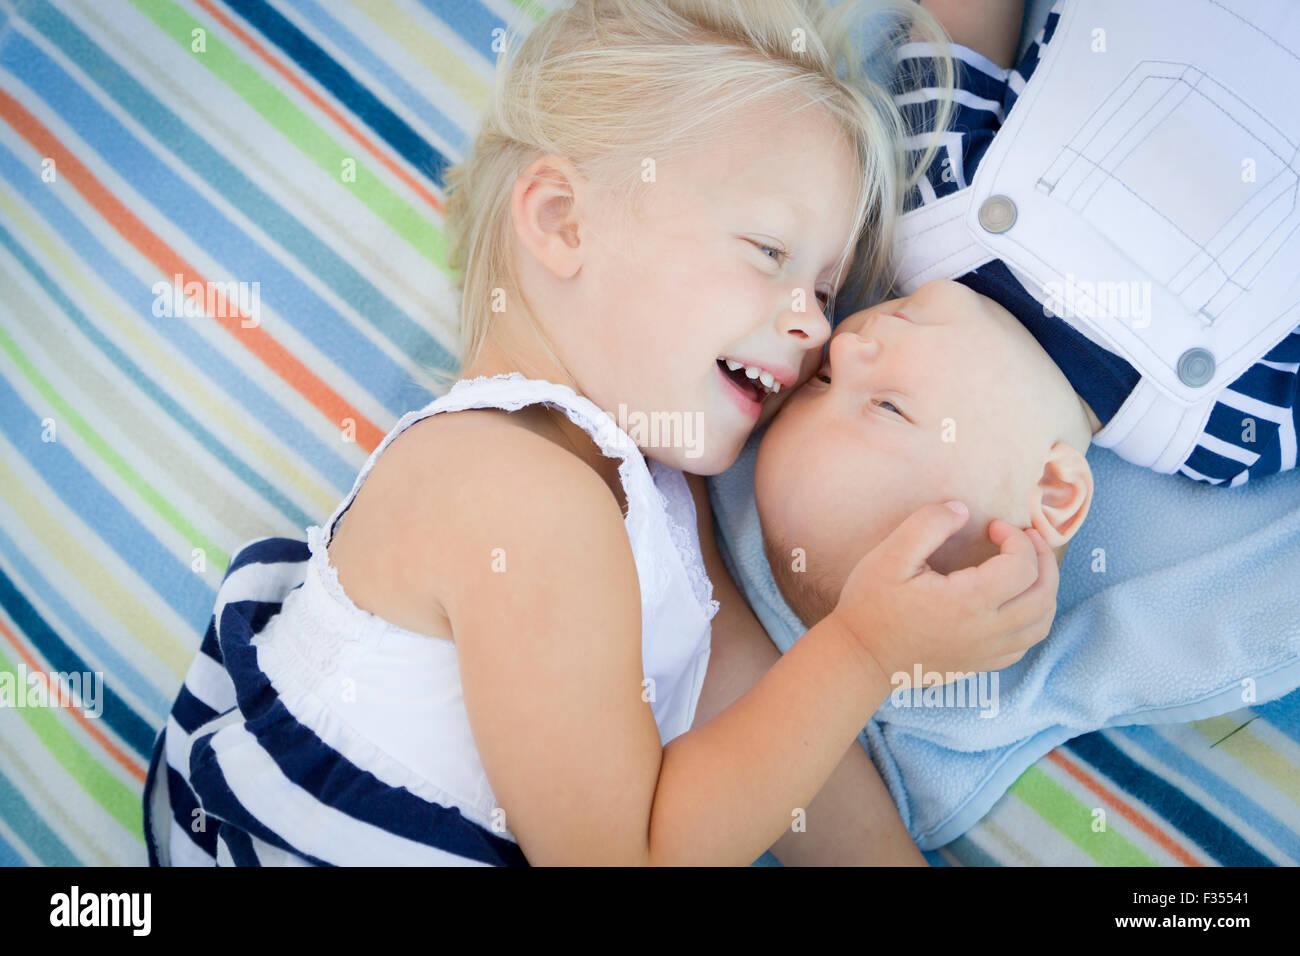 Niedliche kleine Schwester Verlegung als nächstes ihr Baby Bruder auf Decke. Stockbild